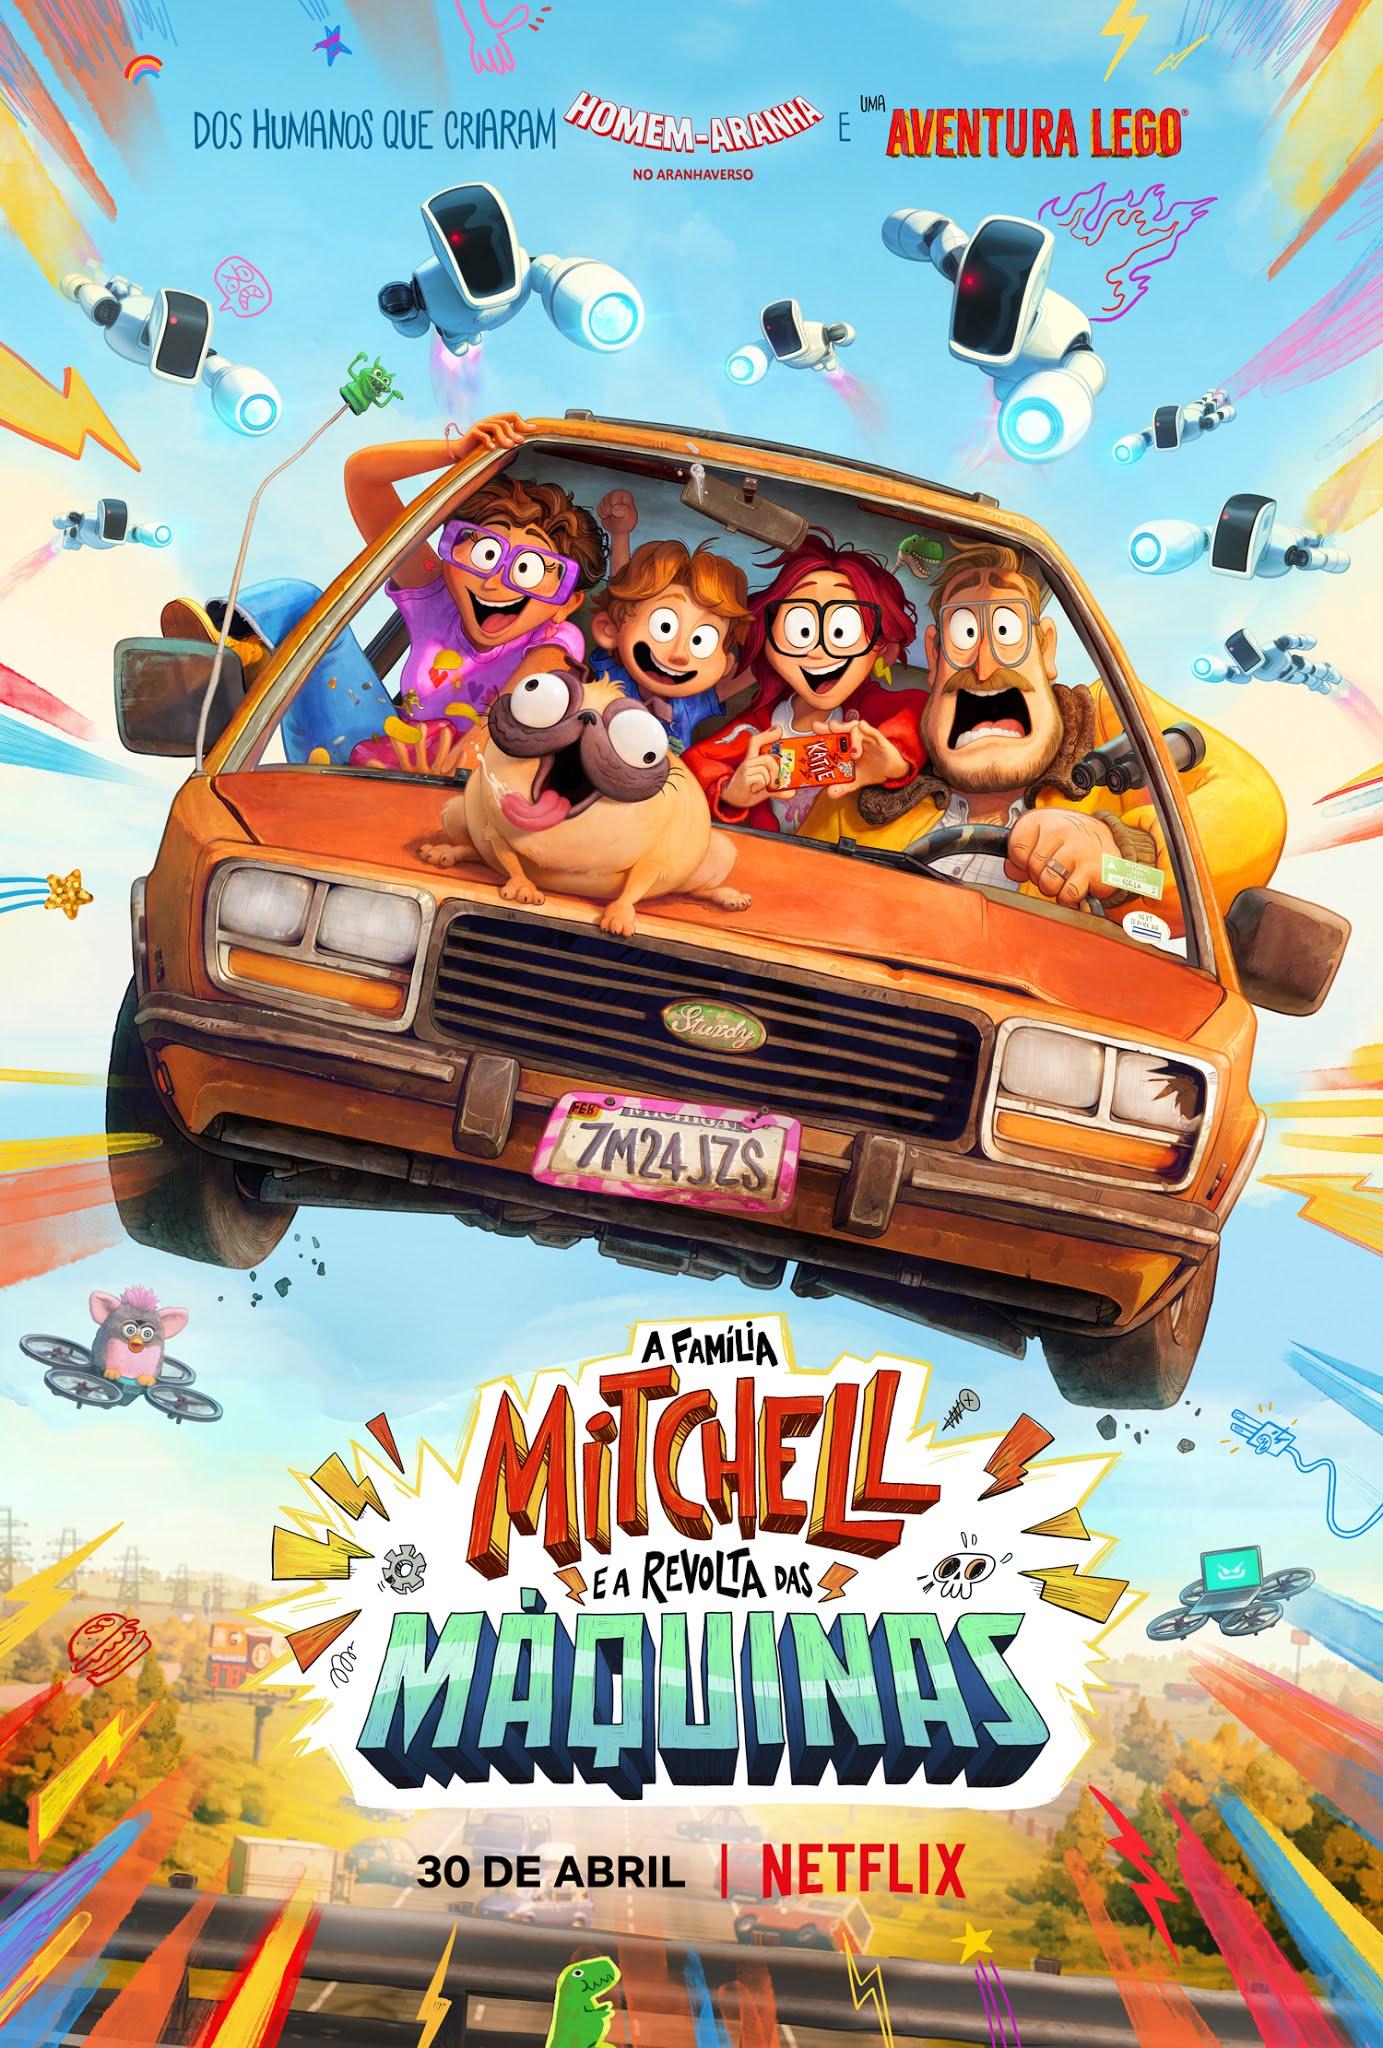 'A Família Mitchell e a Revolta das Máquinas' estreia em Abril na Netflix